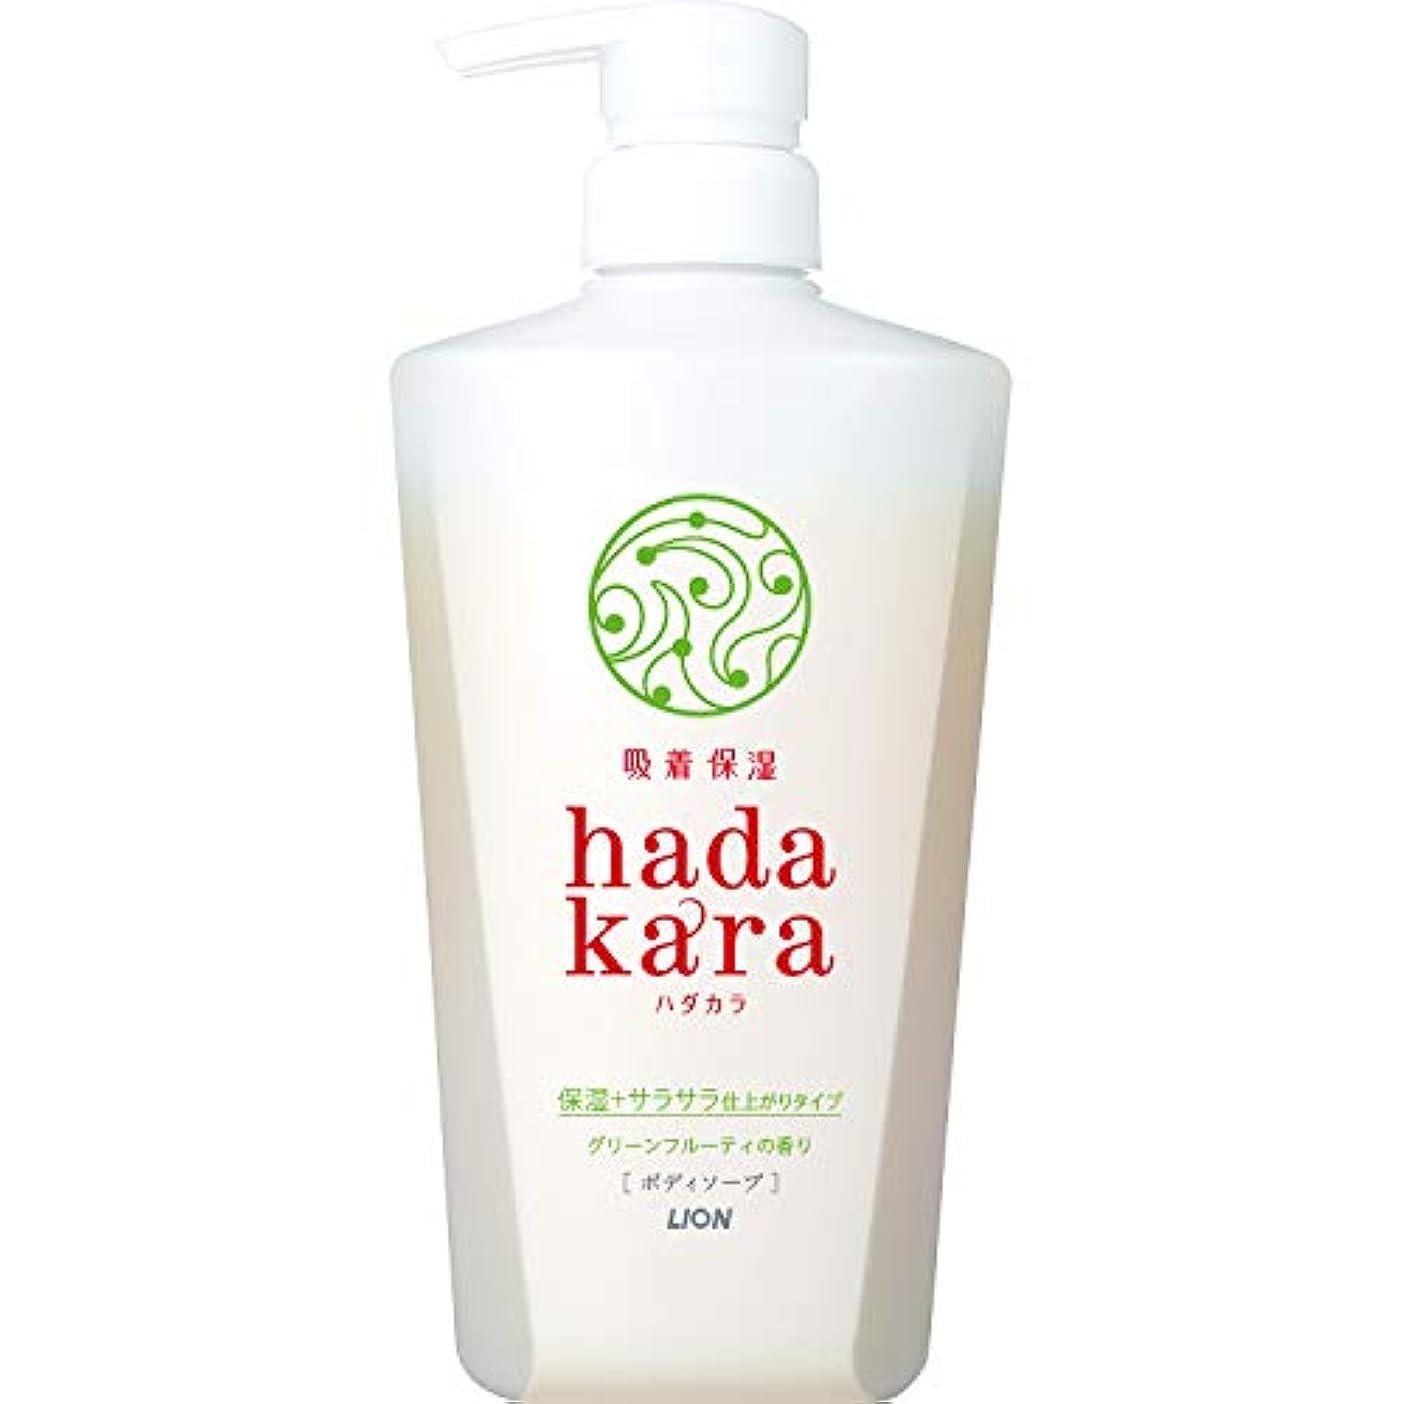 ドル長さチャーミングhadakara(ハダカラ) ボディソープ 保湿+サラサラ仕上がりタイプ グリーンフルーティの香り 本体 480ml